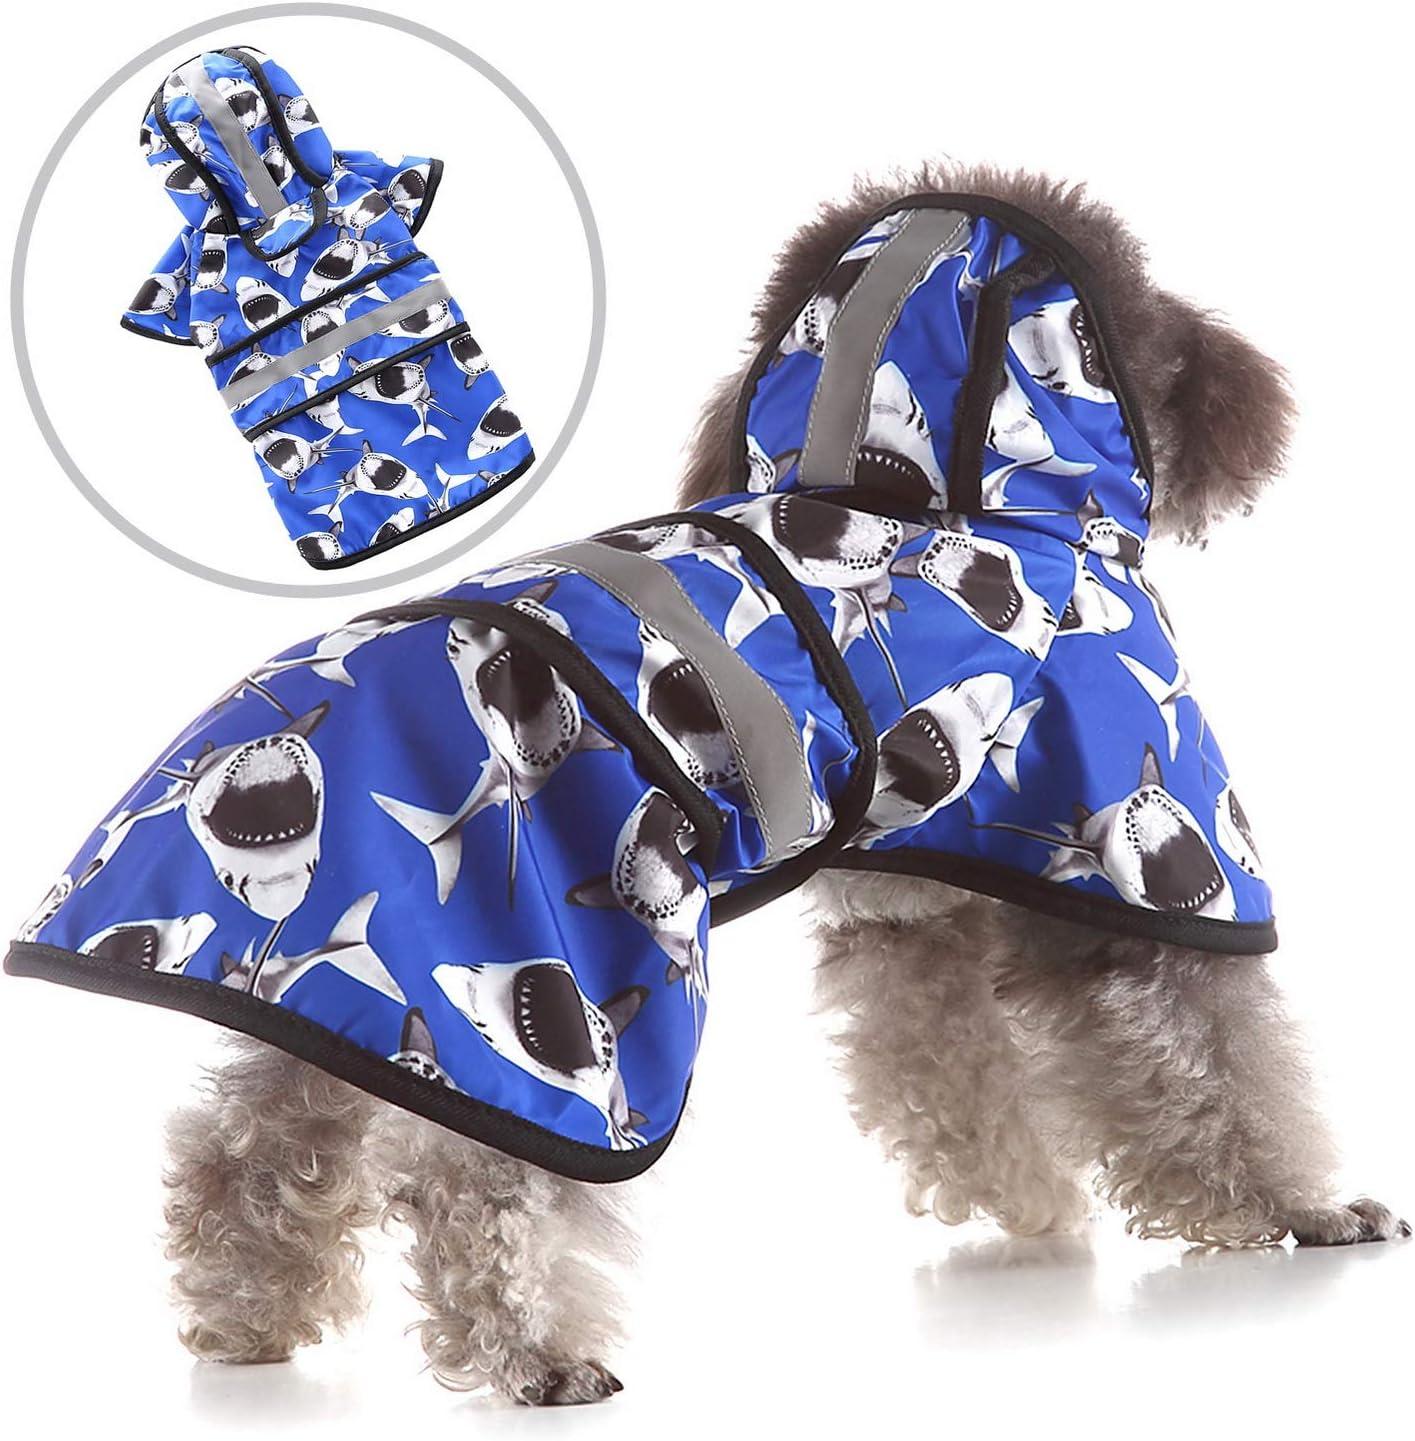 Anzug f/ür kleine bis mittelgro/ße Hunde leichte Regenjacke reflektierend Zunea Wasserdichter Hunderegenmantel mit Kapuze verstellbar Poncho